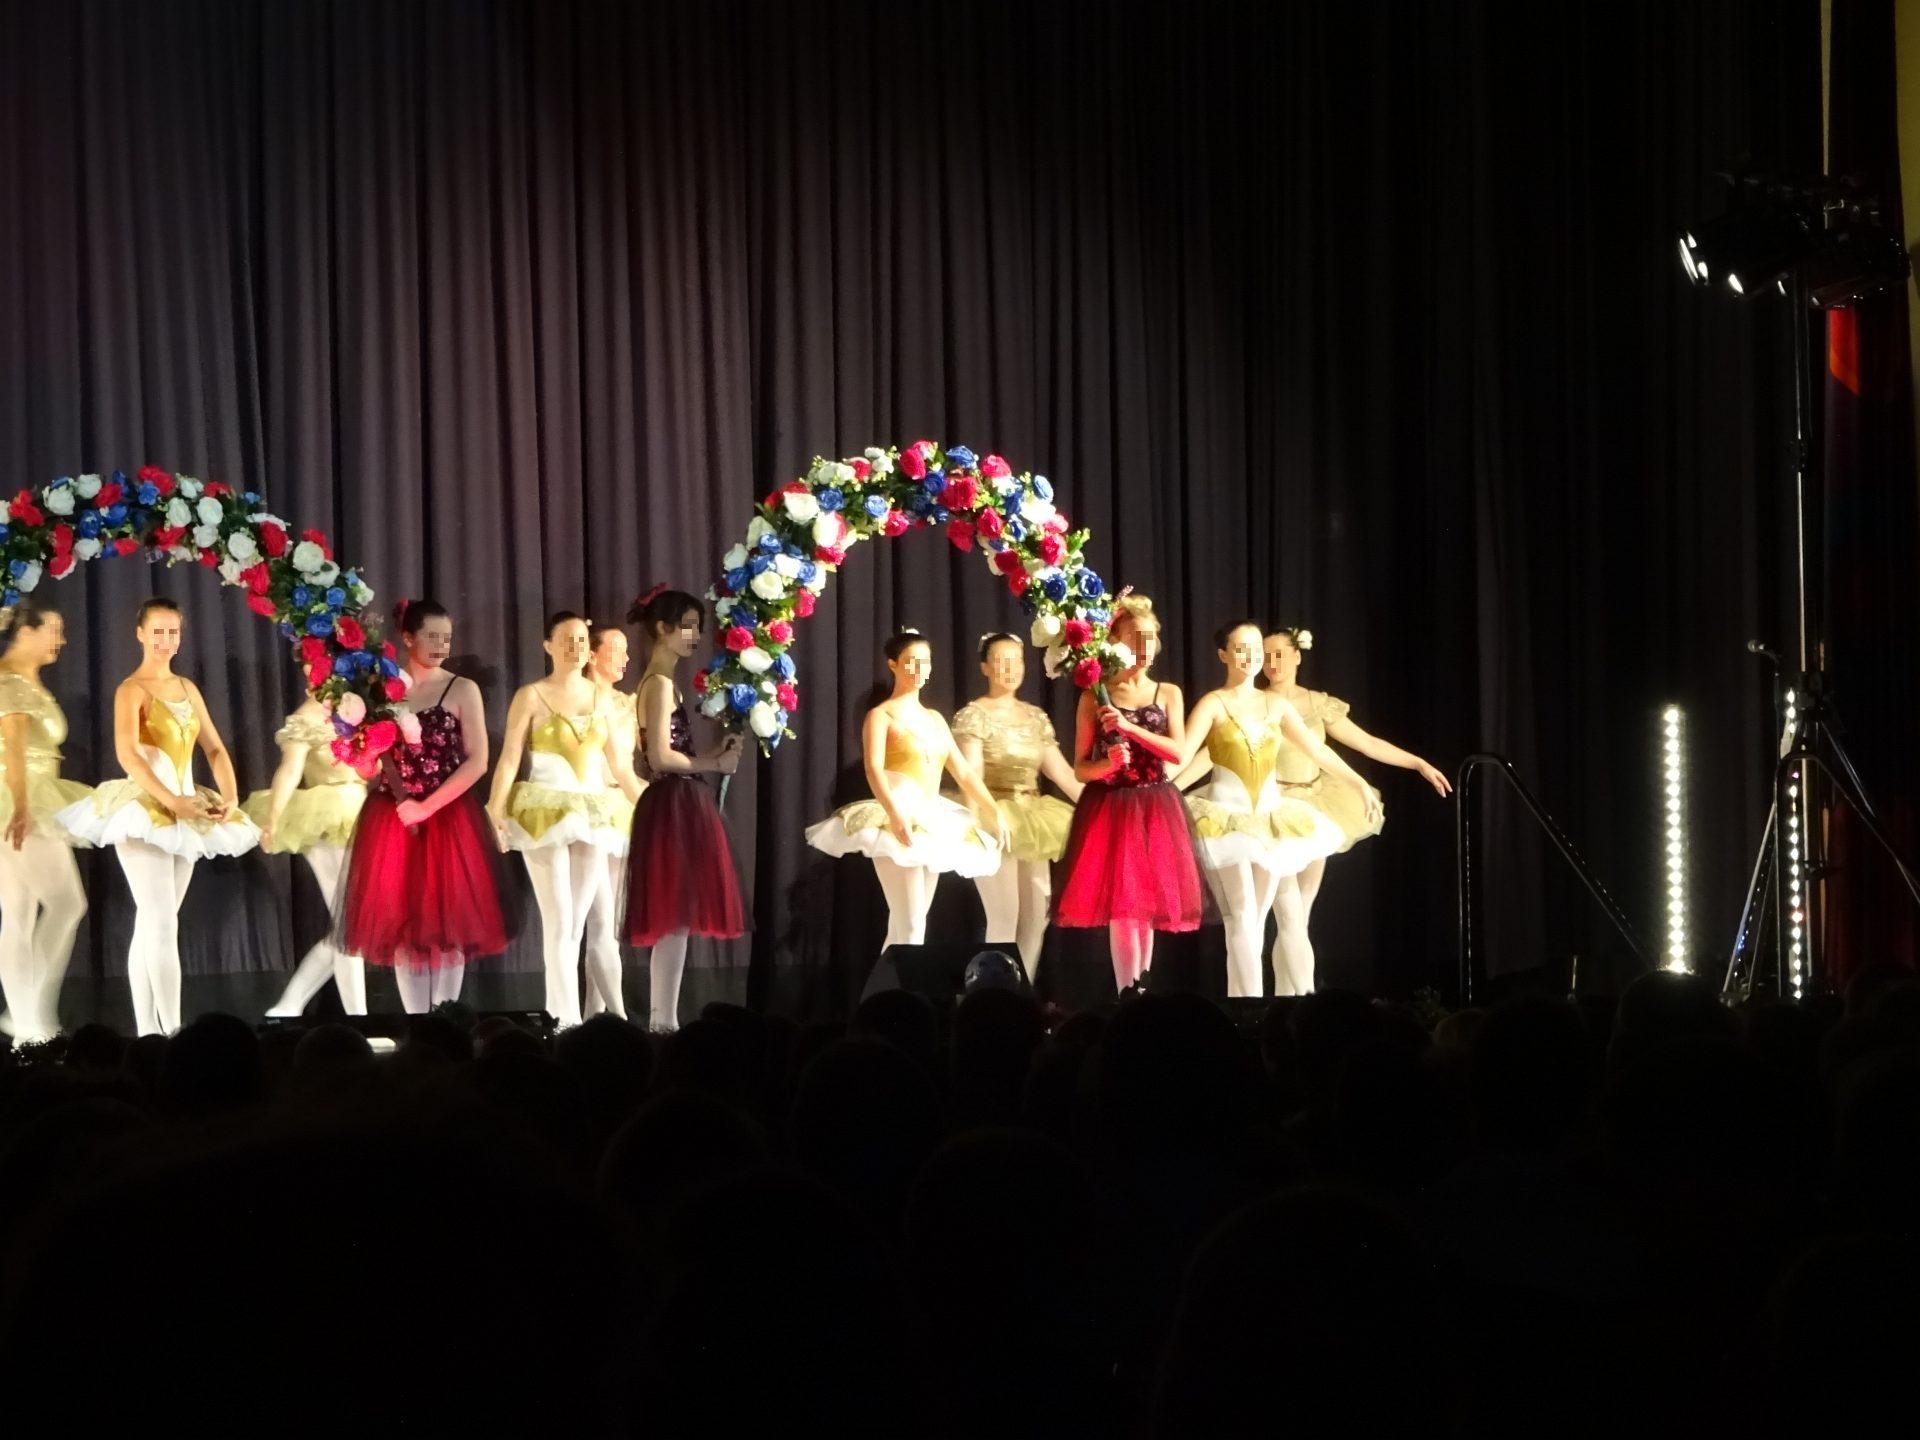 Ballet Veranstaltung, Gassenlicht, Frontlicht , PA